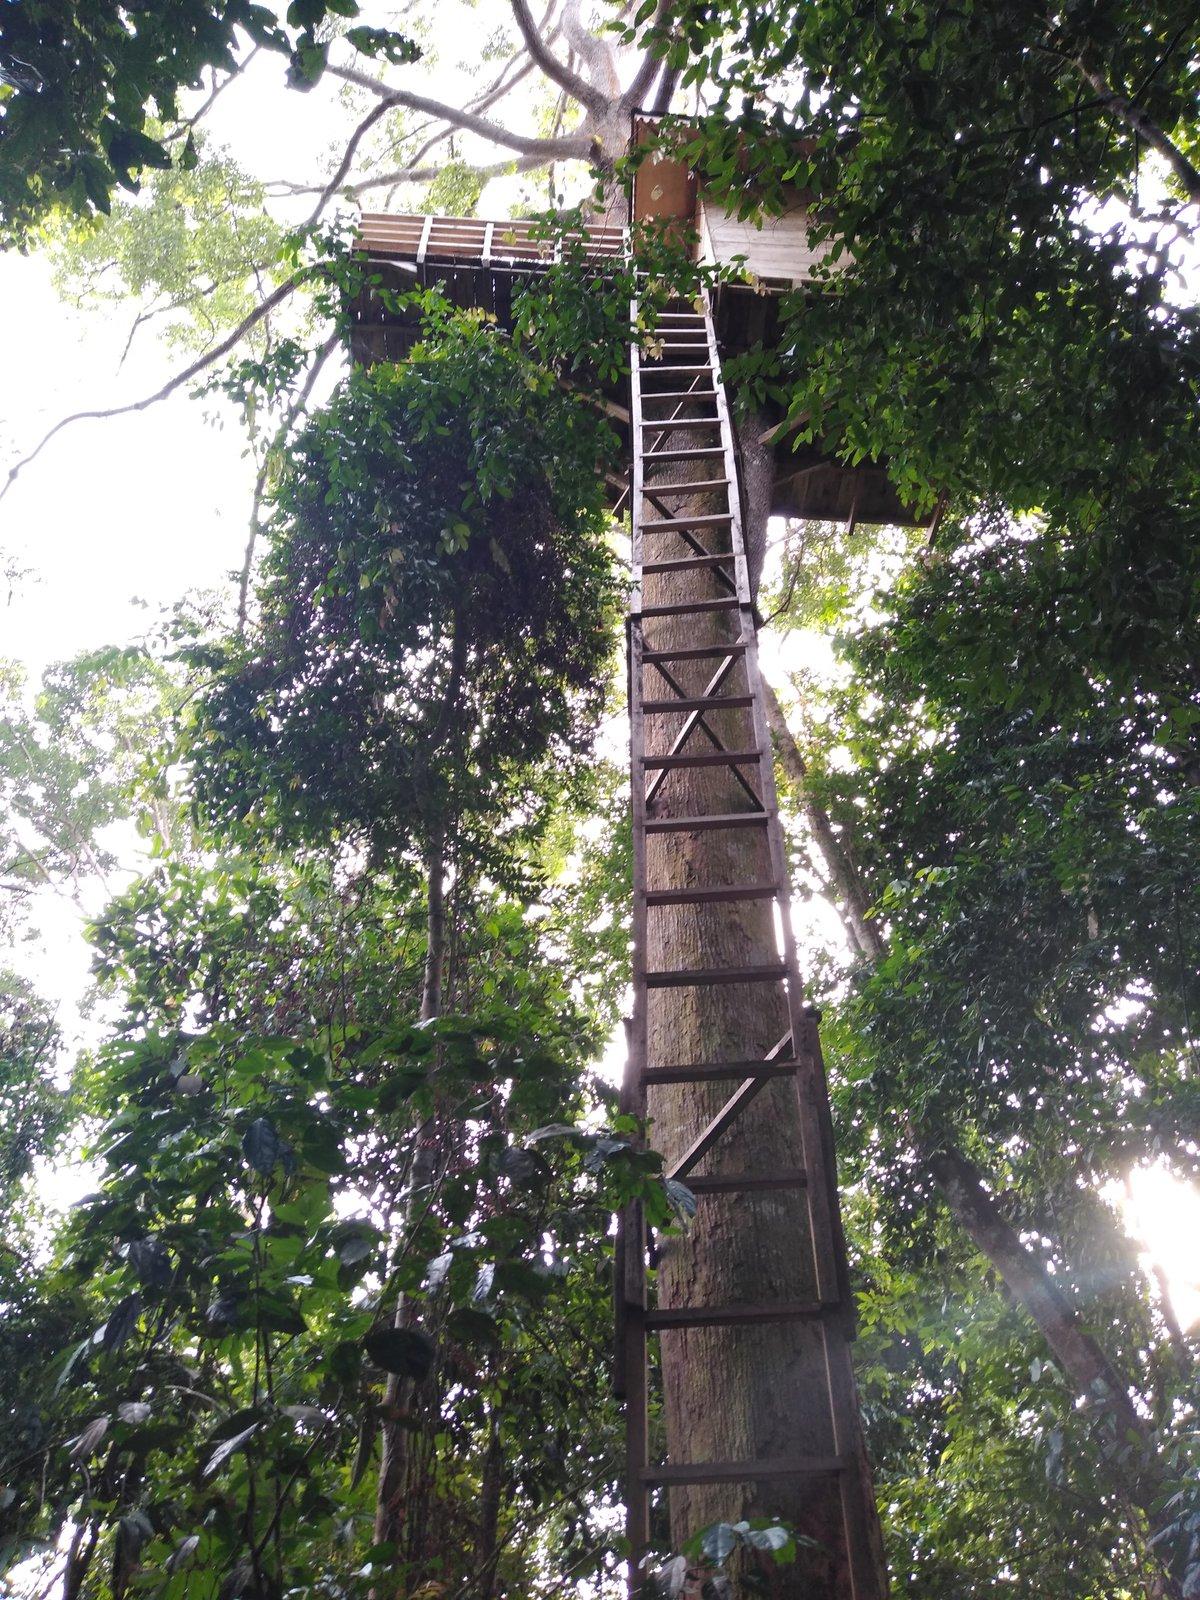 príbytok v džungli